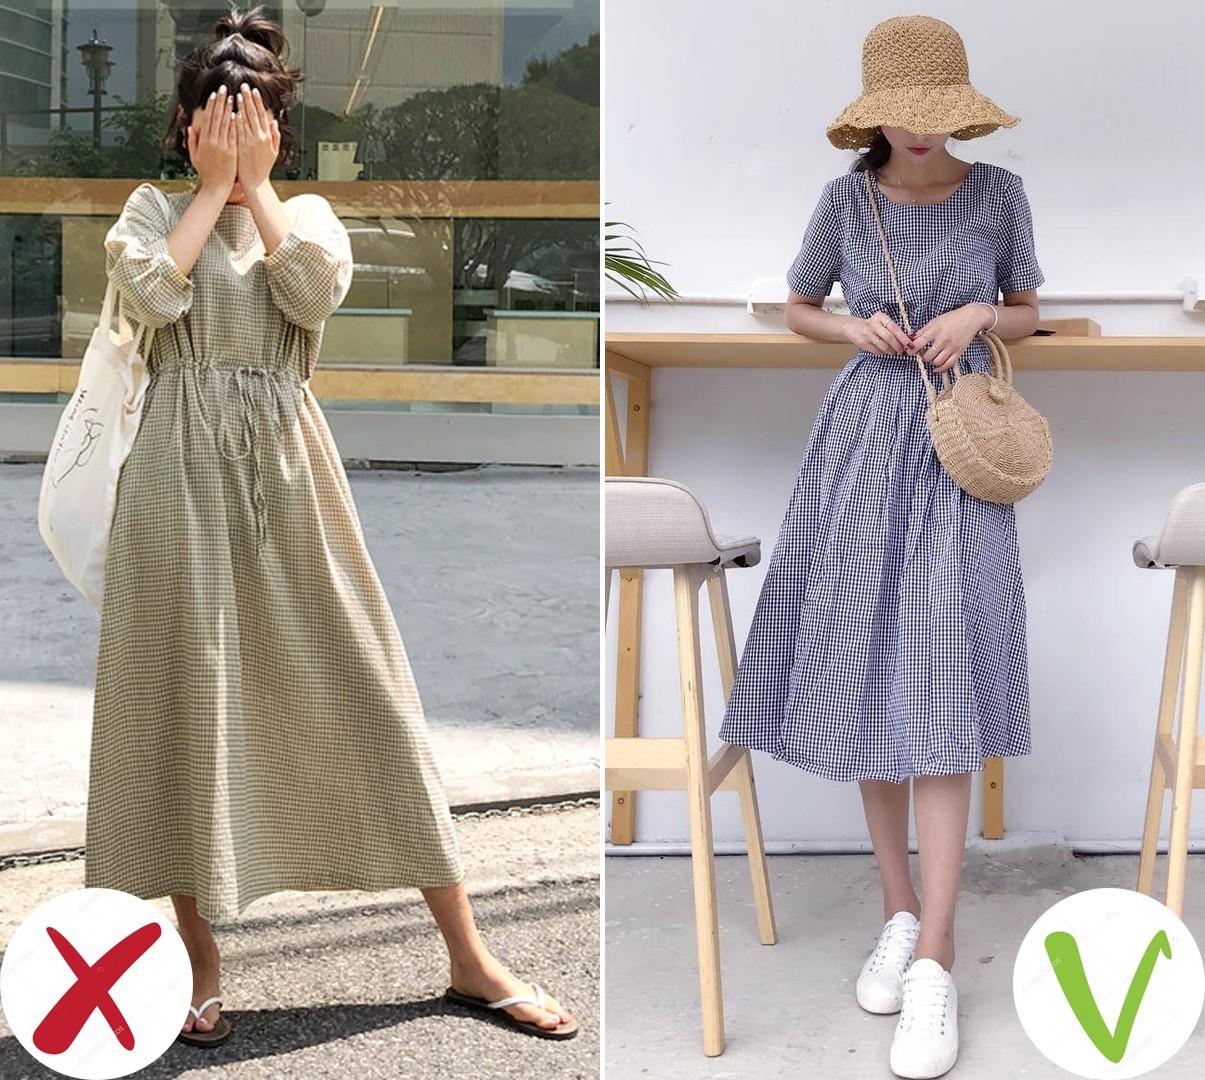 5 loại trang phục nên và không nên mặc tới công sở mà chị em nào cũng nên biết - Ảnh 5